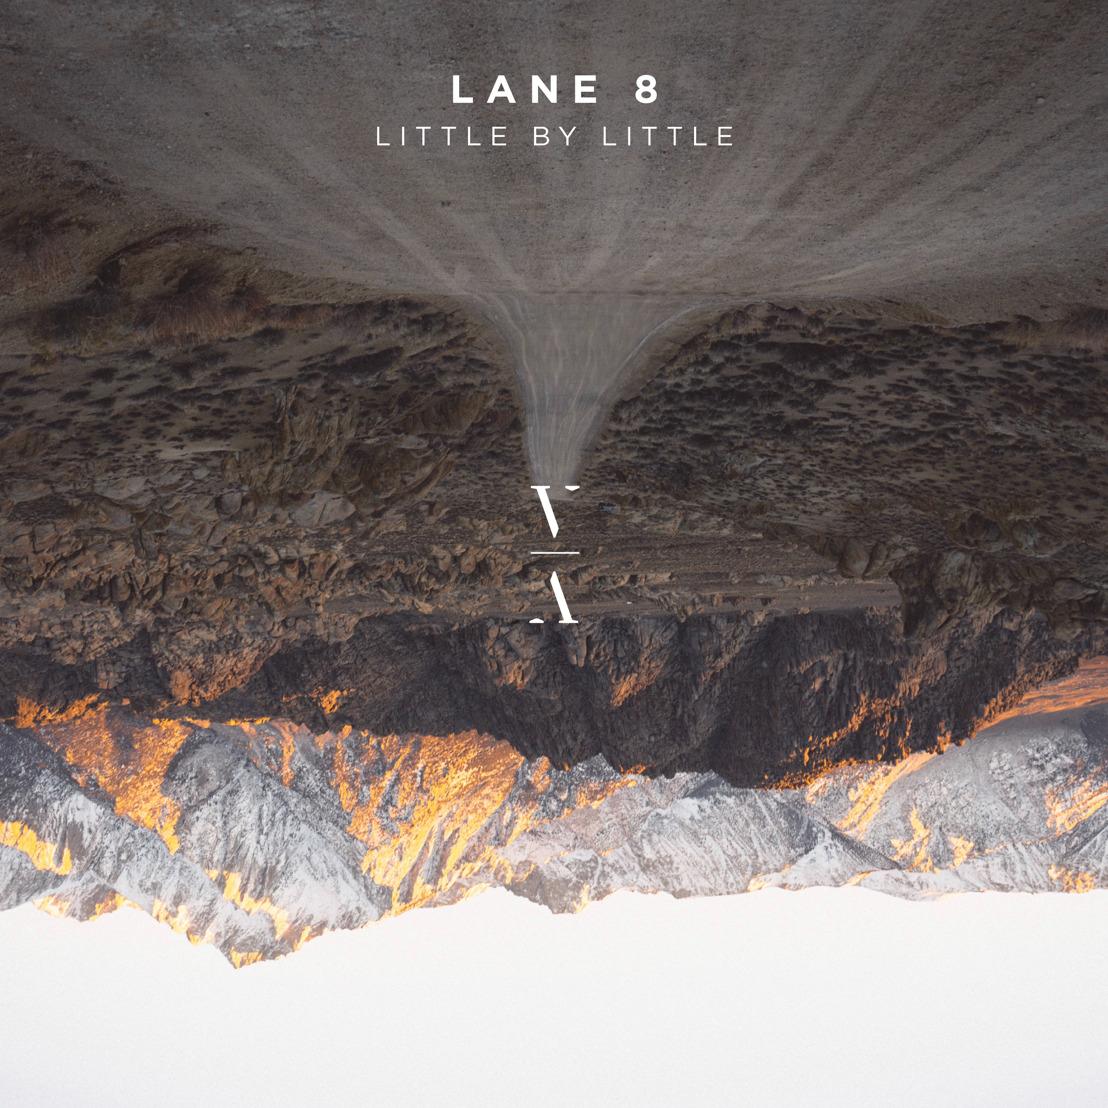 Lane 8 Releases Second Full-Length Album 'Little By Little'